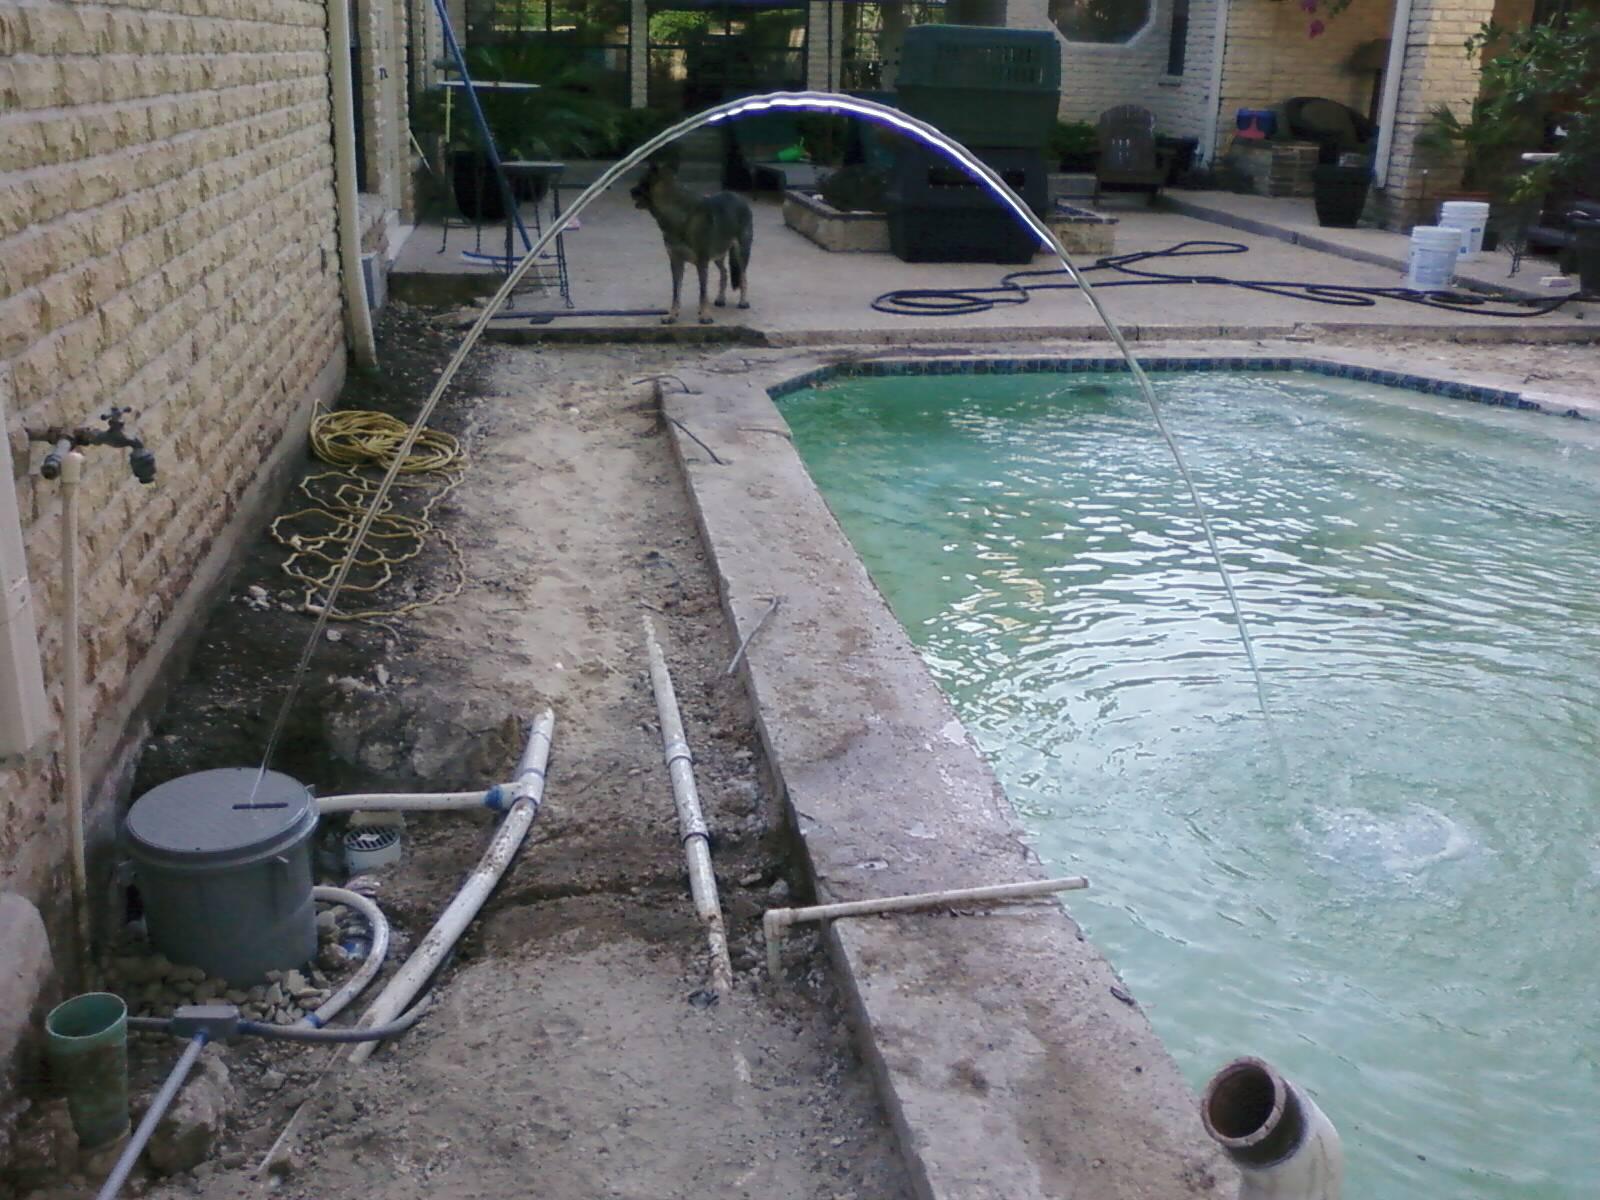 Bluff View Estates Couryard Pool Renovation